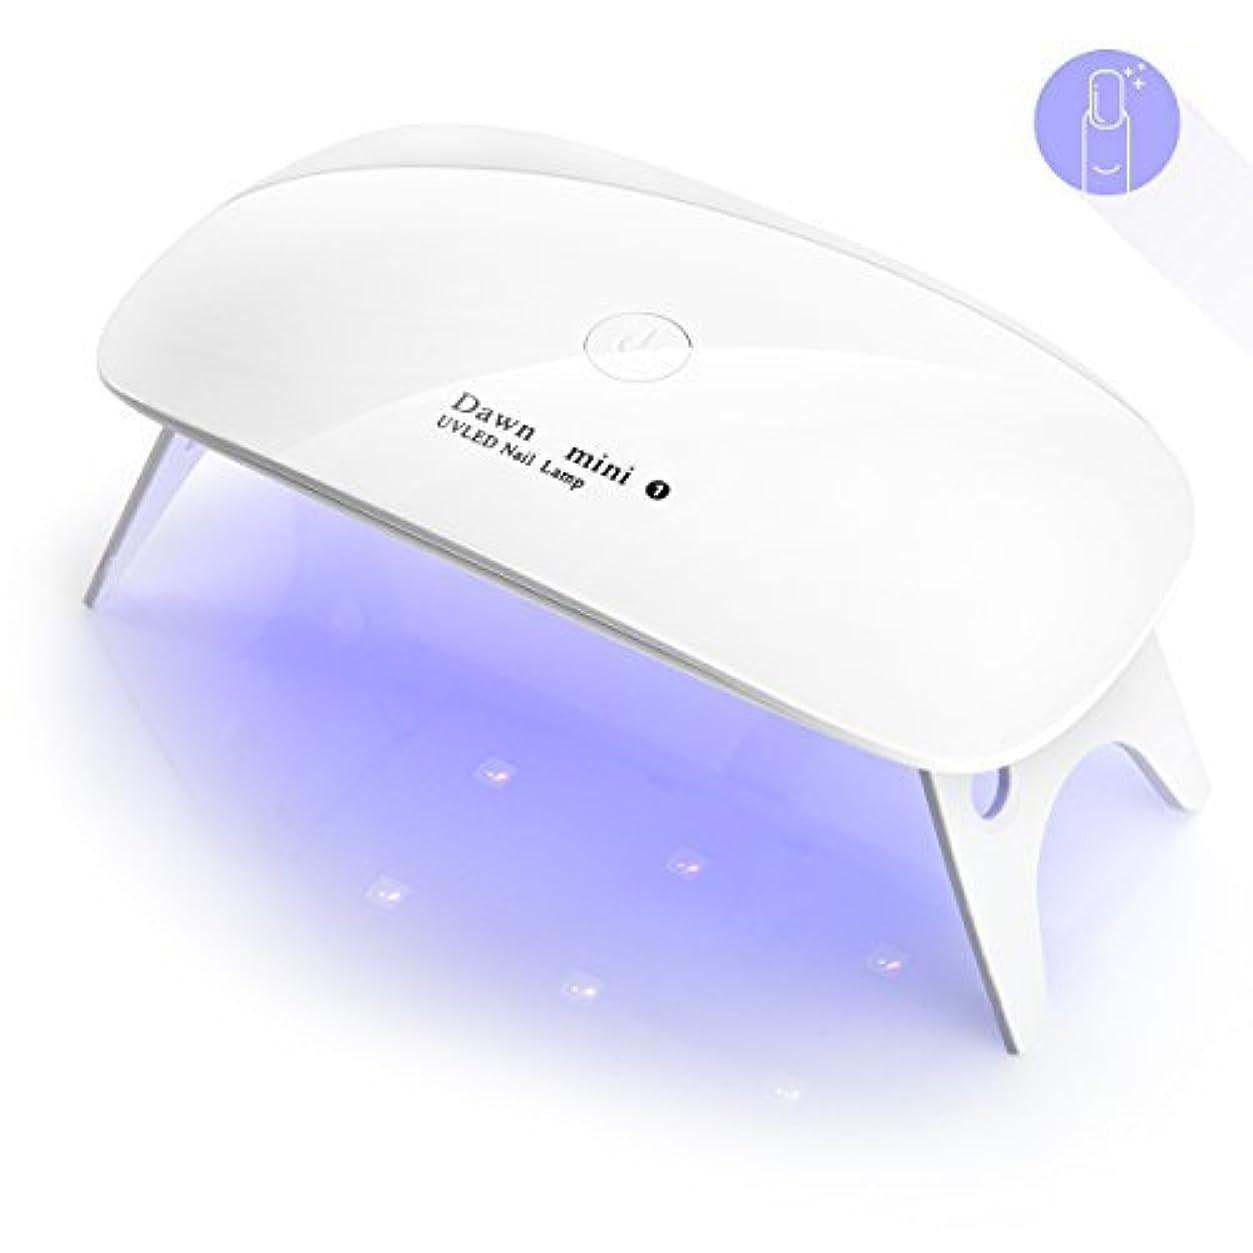 保護するボタン予知Beito LEDネイルドライヤー UVライト タイマー設定可能 折りたたみ式手足とも使える 人感センサー式 LED 硬化ライト UV と LEDダブルライト ジェルネイル用